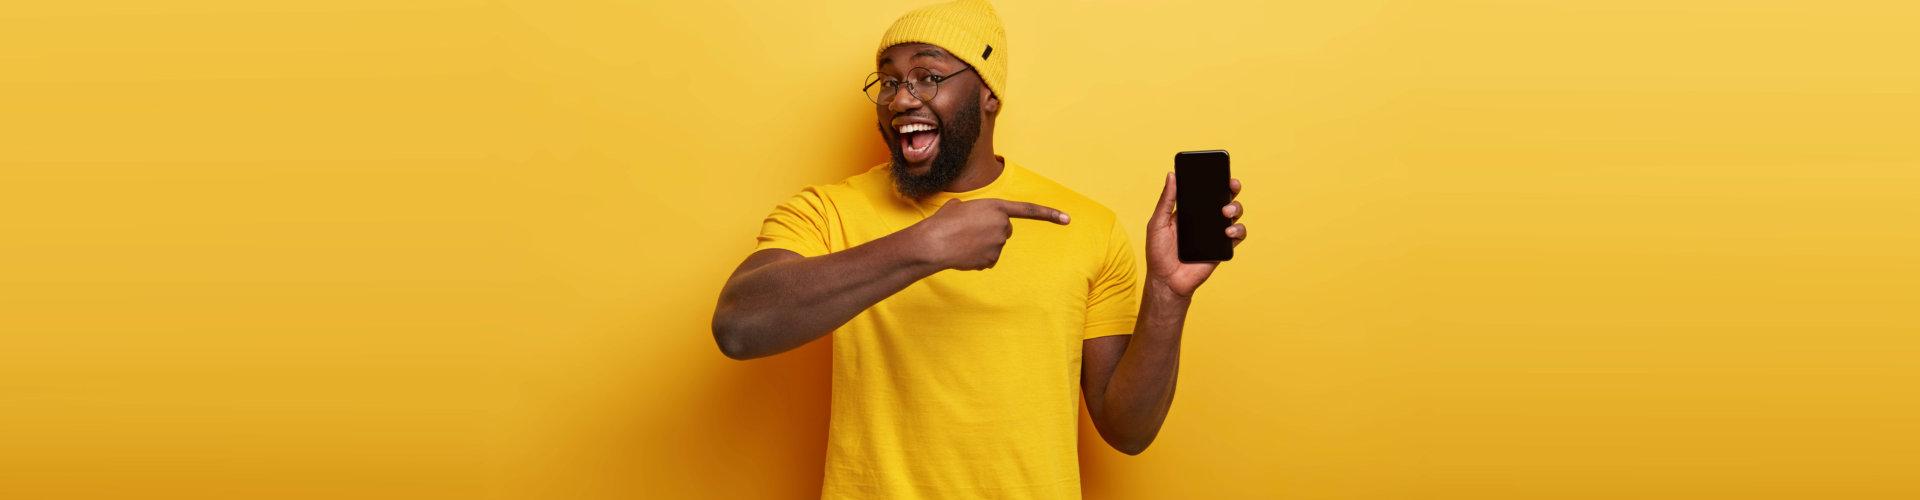 man pointing at his phone